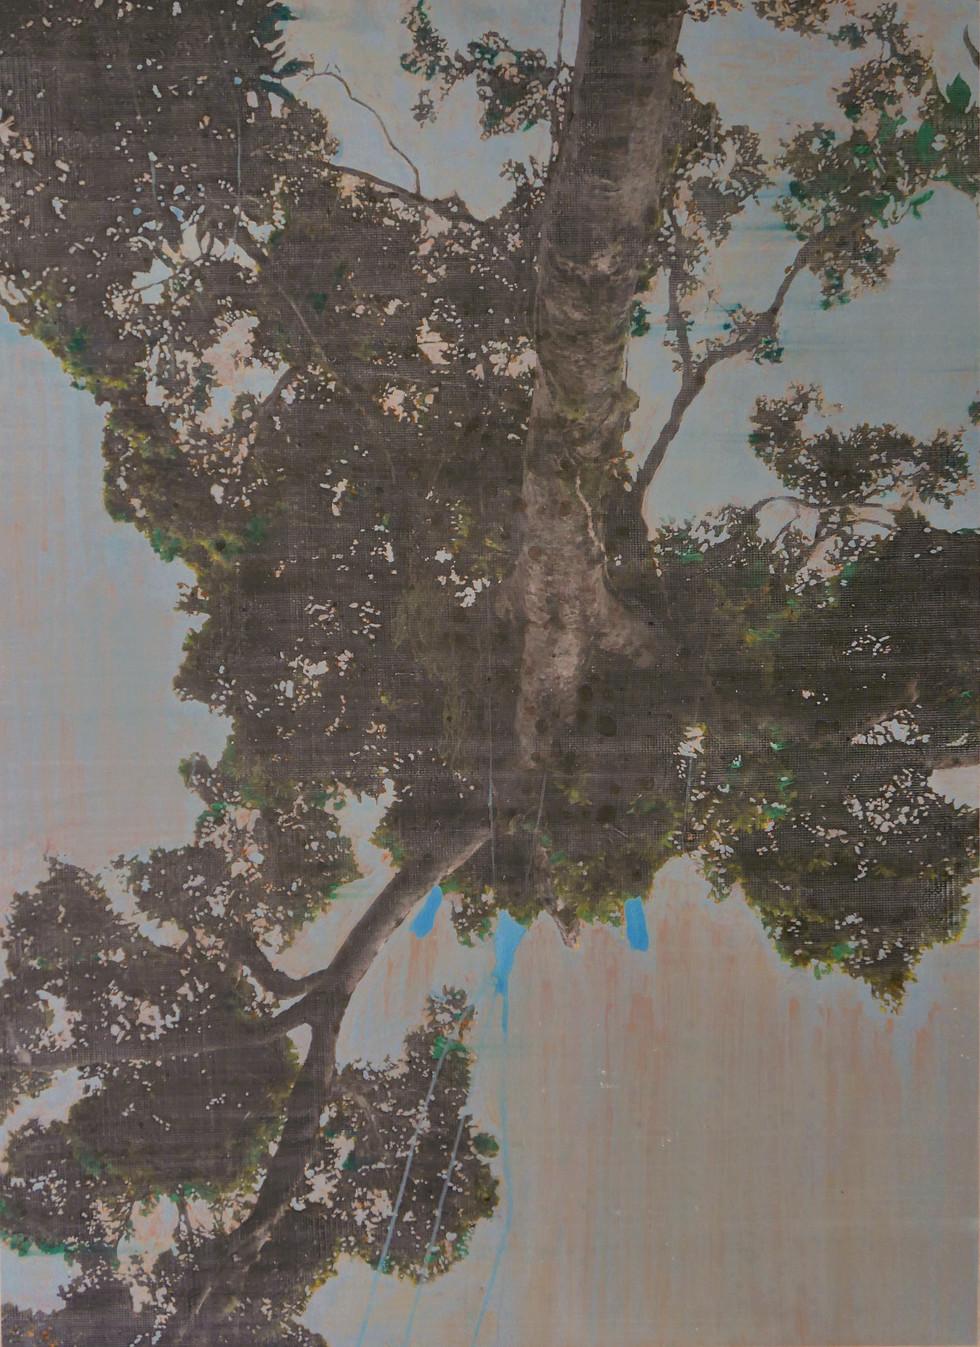 L'arbre monde (1), mixed media on vinyl, 140x110cms, 2020